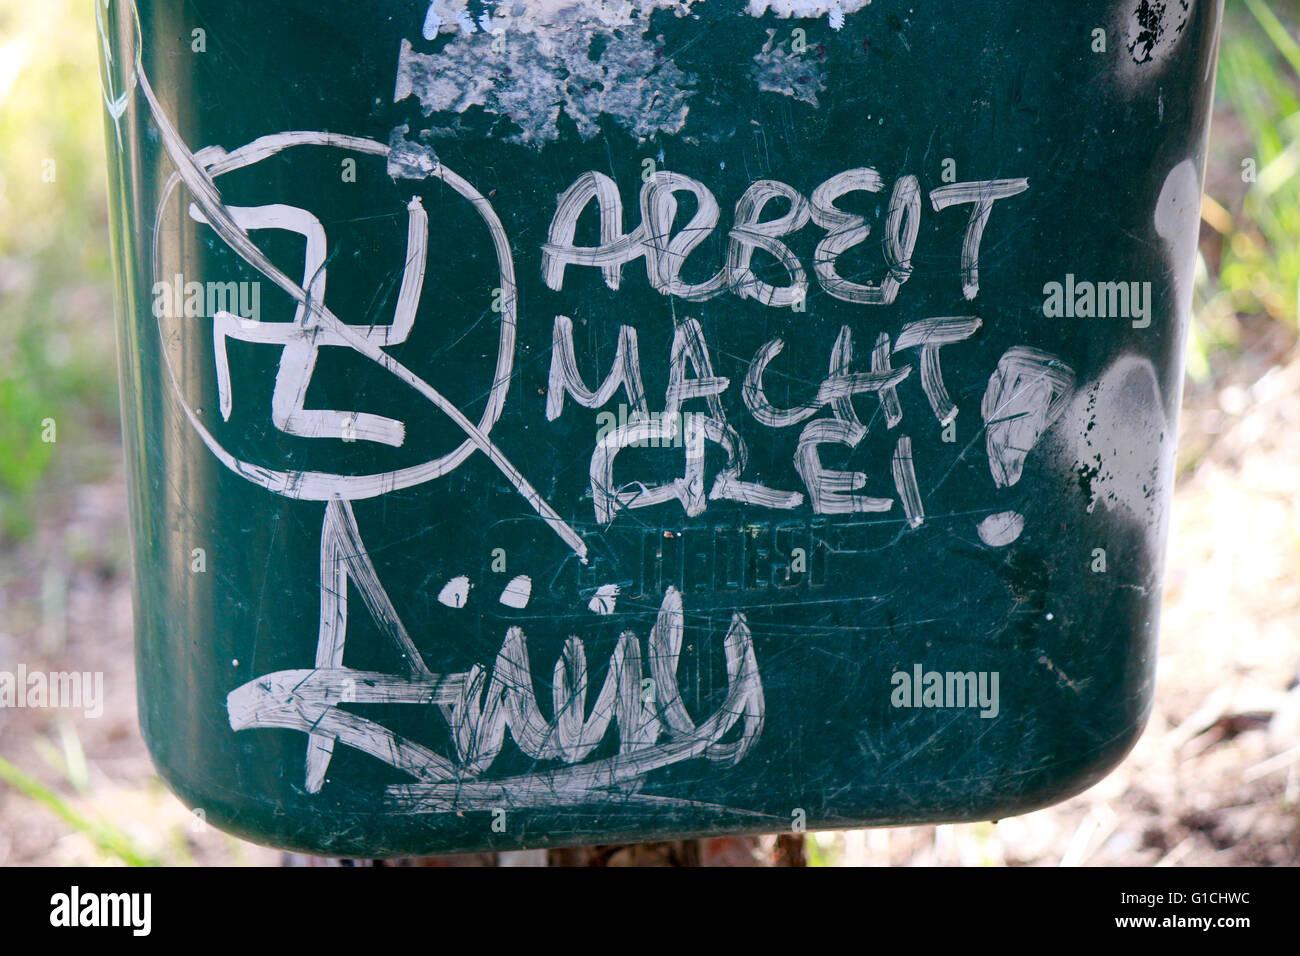 'Arbeit macht frei'-Nazi Spruch mit Hakenkreuz in Athen - Impressionen, Wirtschaftskrise Griechenland, 5. - Stock Image